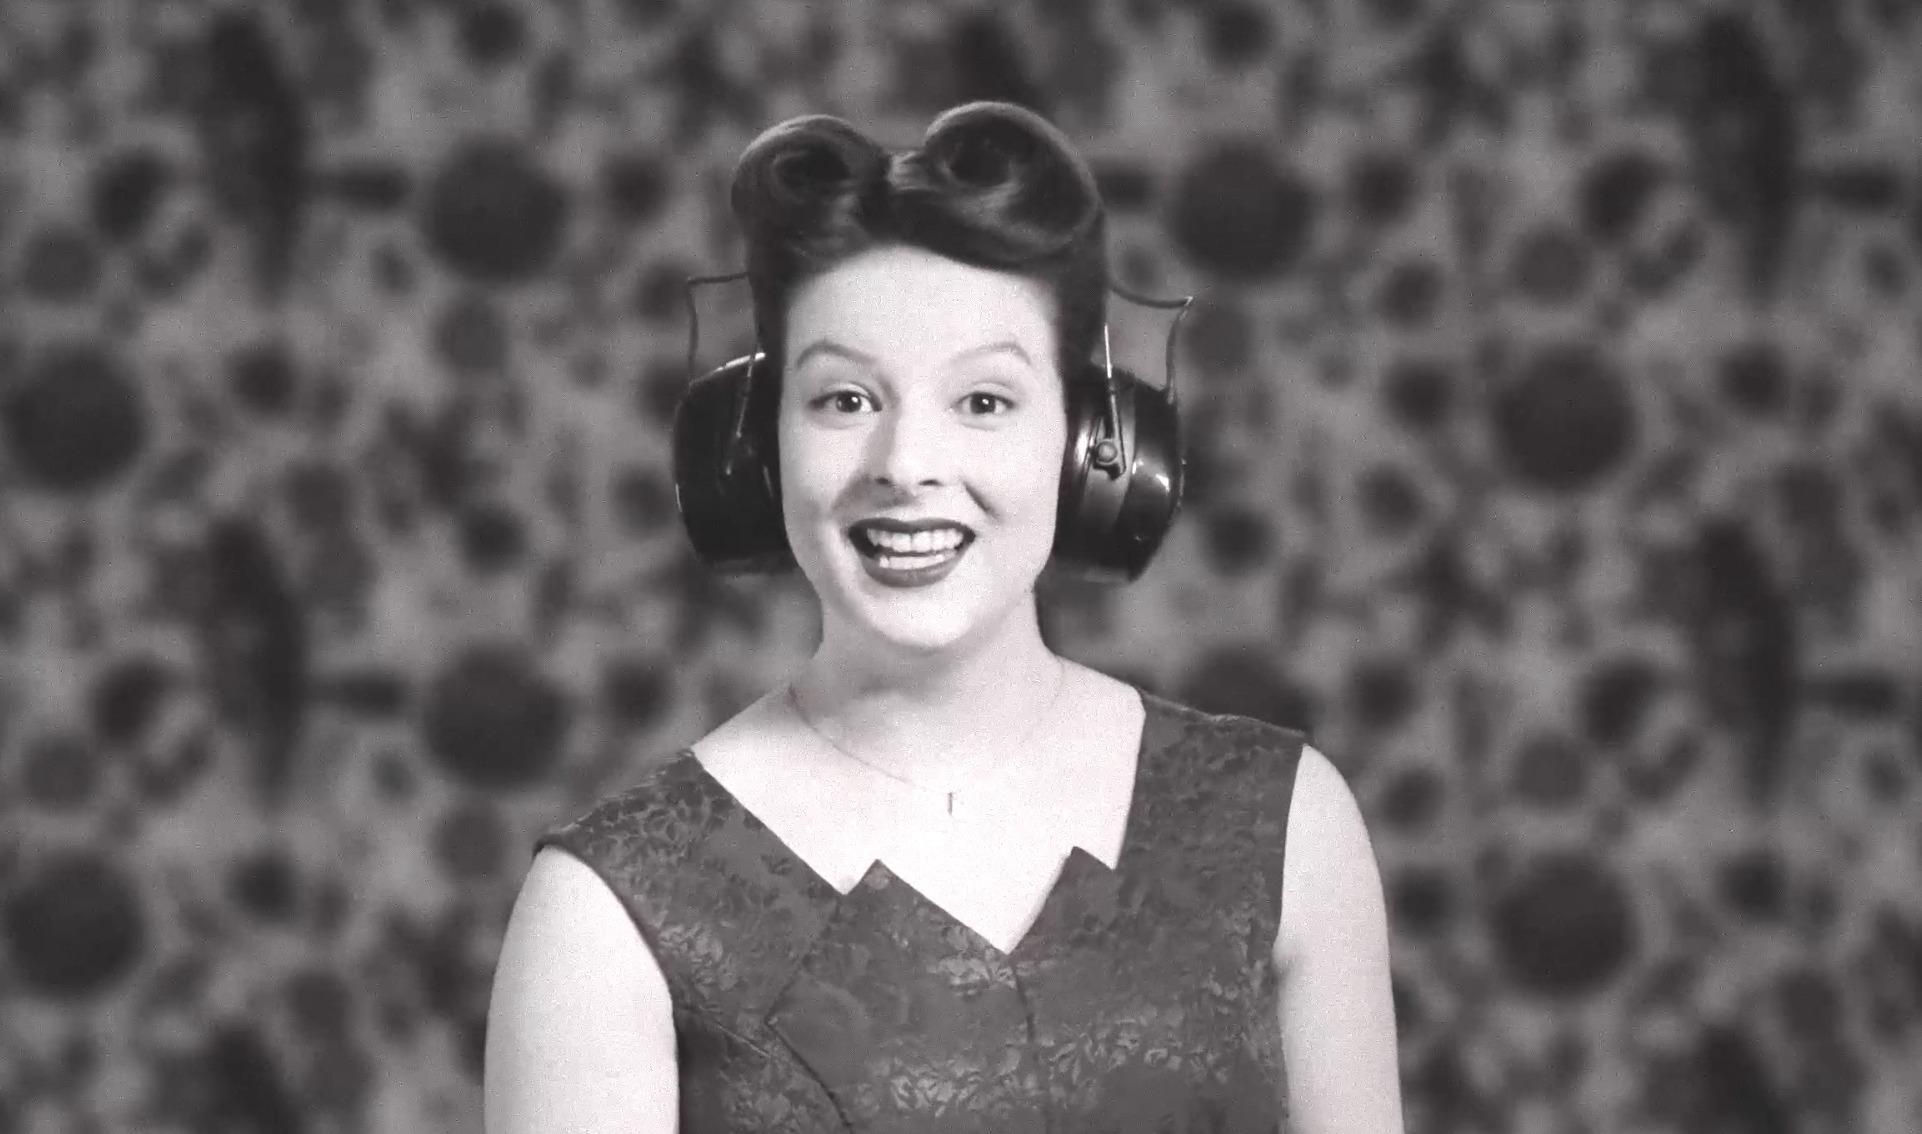 Frau im Kostüm und Frisur der 1940er-Jahre trägt einen modernen Kopfhörer